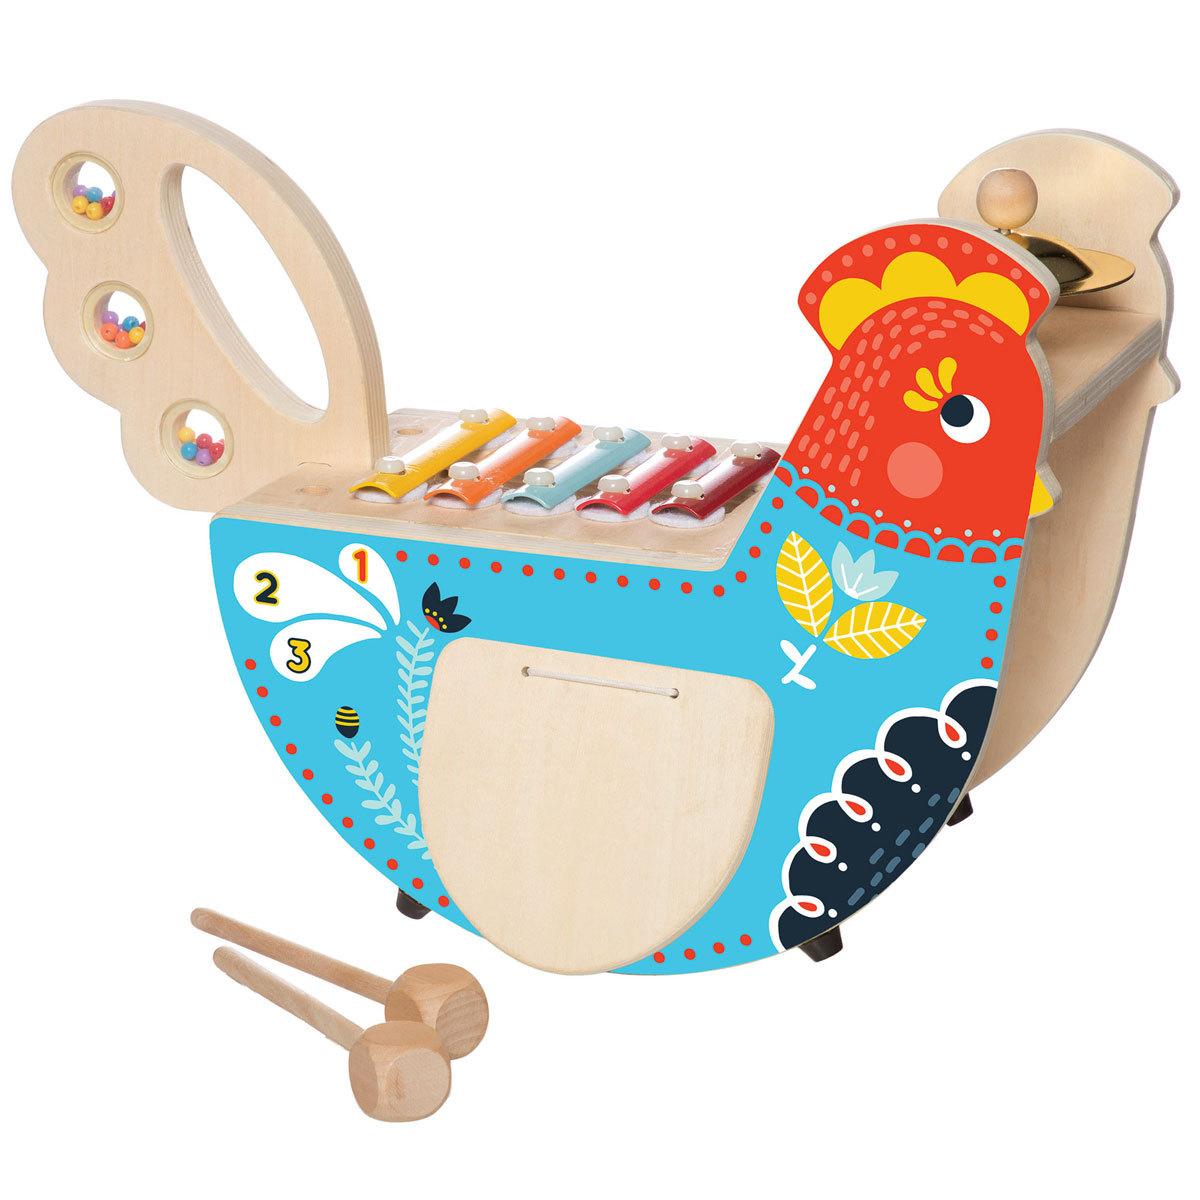 Mes premiers jouets Poule Musicale en Bois Poule Musicale en Bois